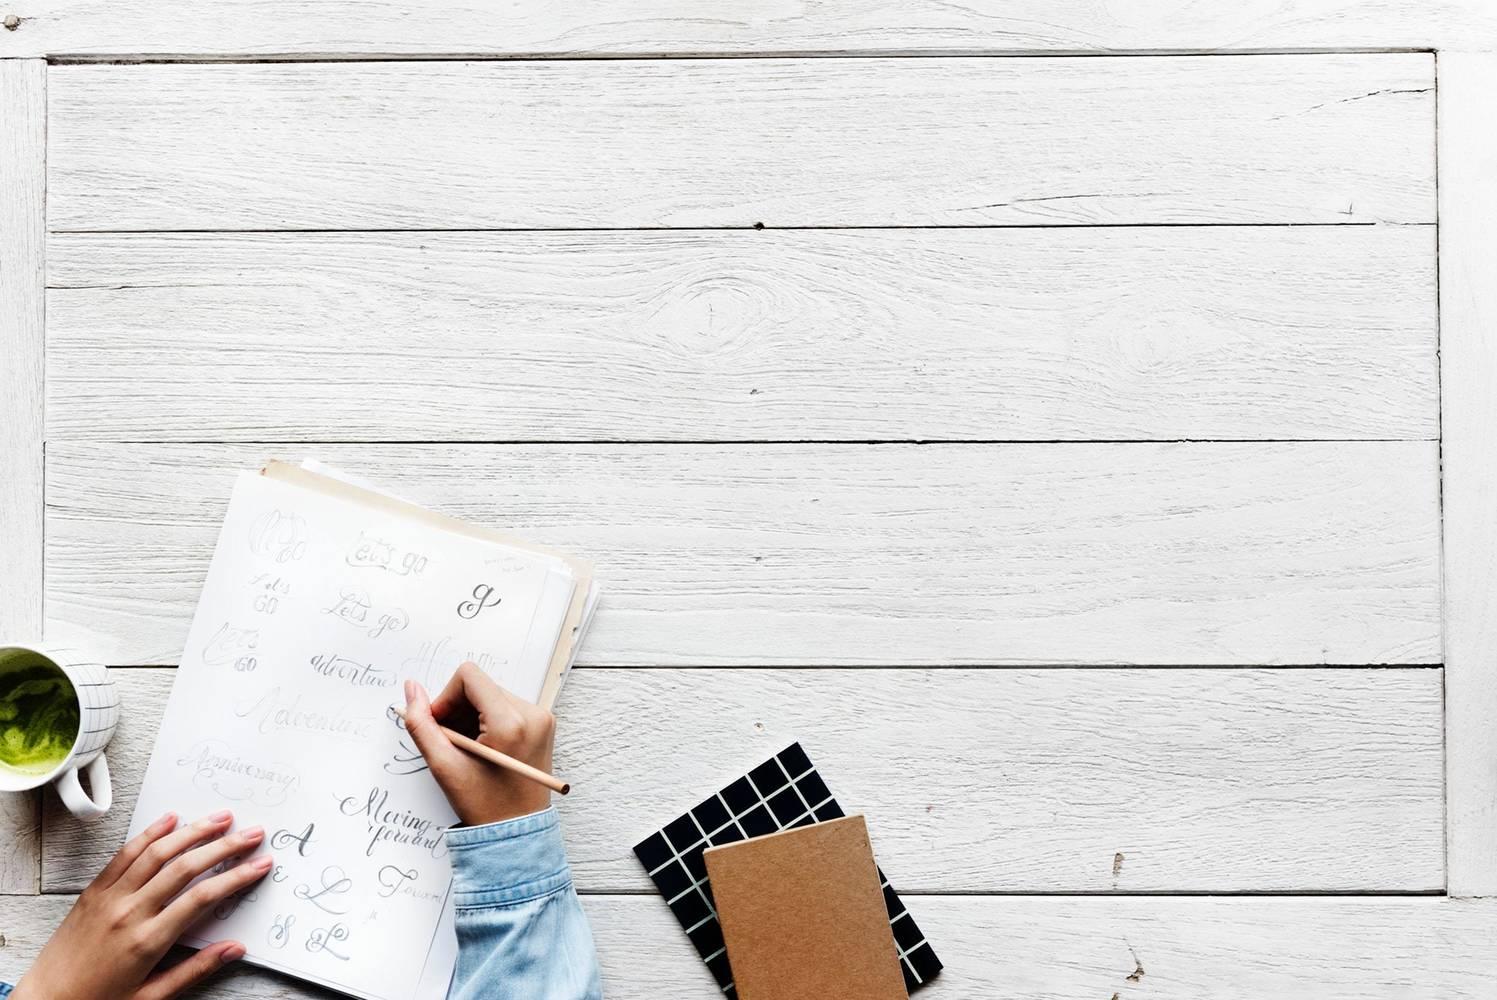 Ontwerp, advies en grafisch vormgeving